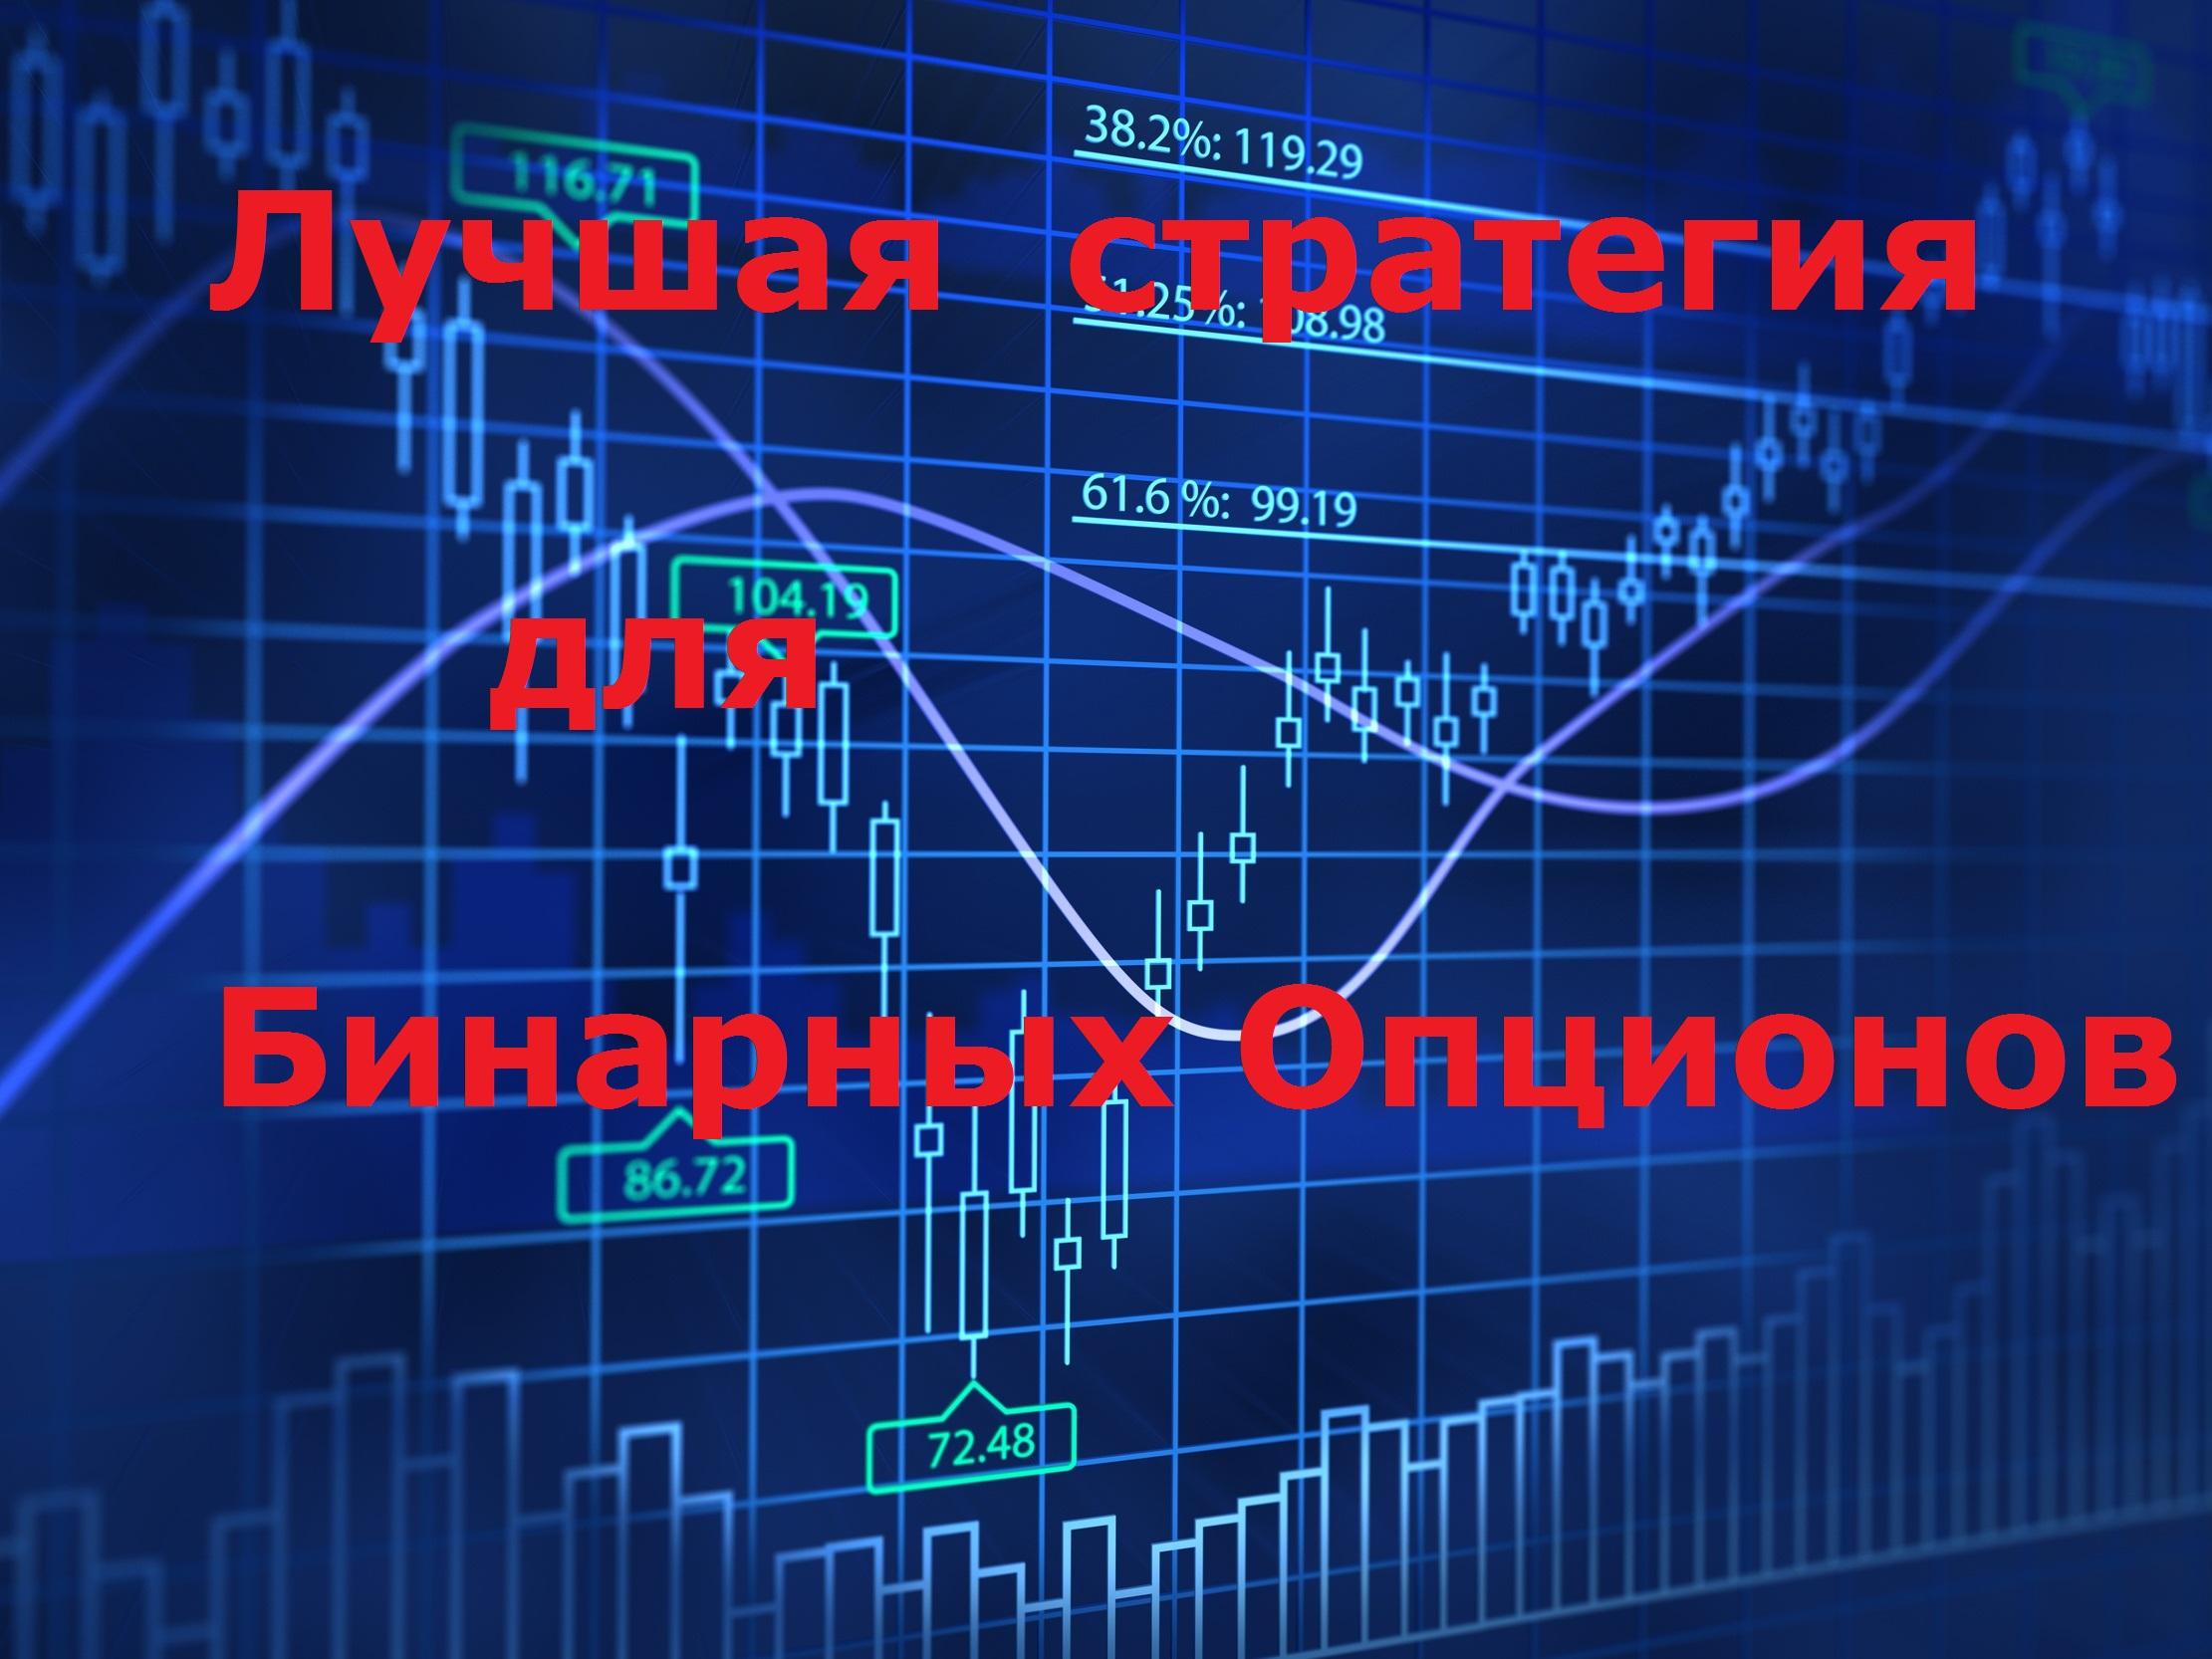 https://glopart.ru/uploads/images/347409/c370dd2bdafb4c8db1d20145d9ac19ff.jpg